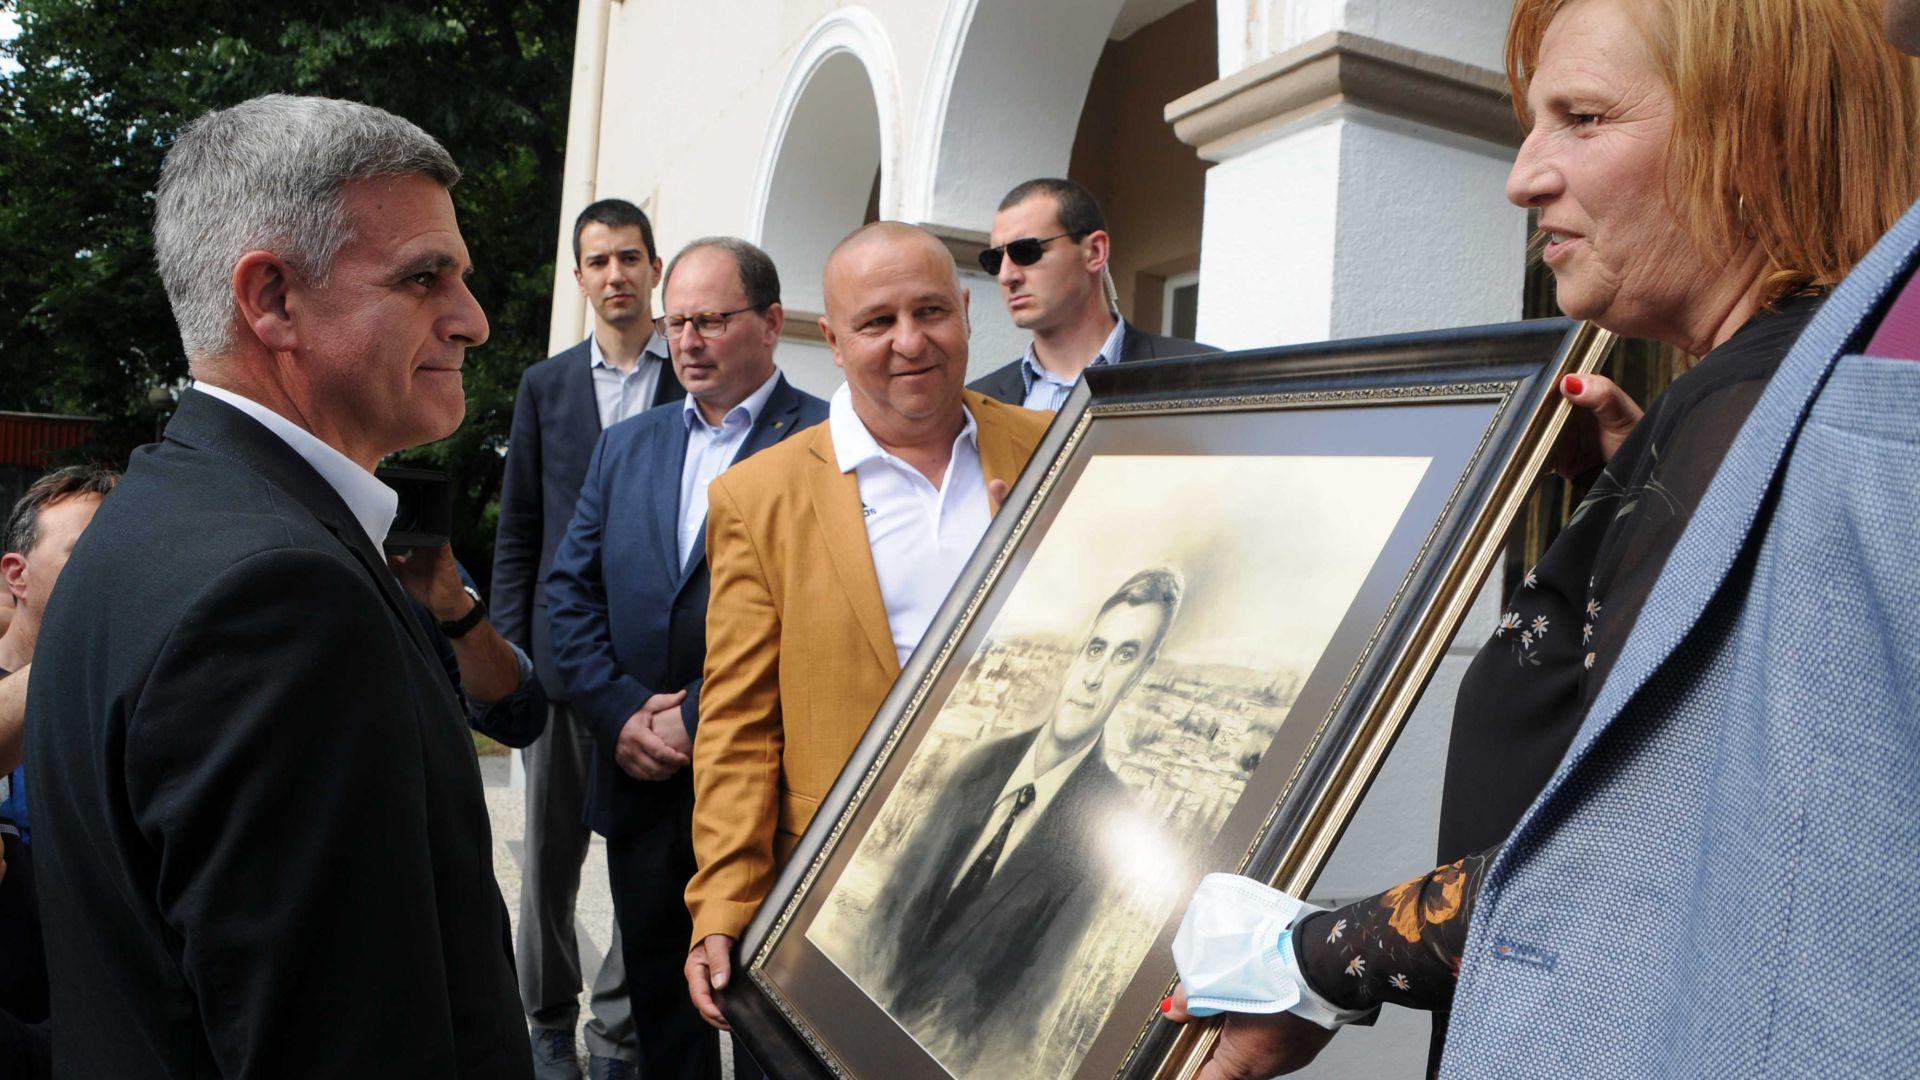 В родната му Поповица подариха на Янев негов портрет, той отговори на обвинения на ГЕРБ (снимки)